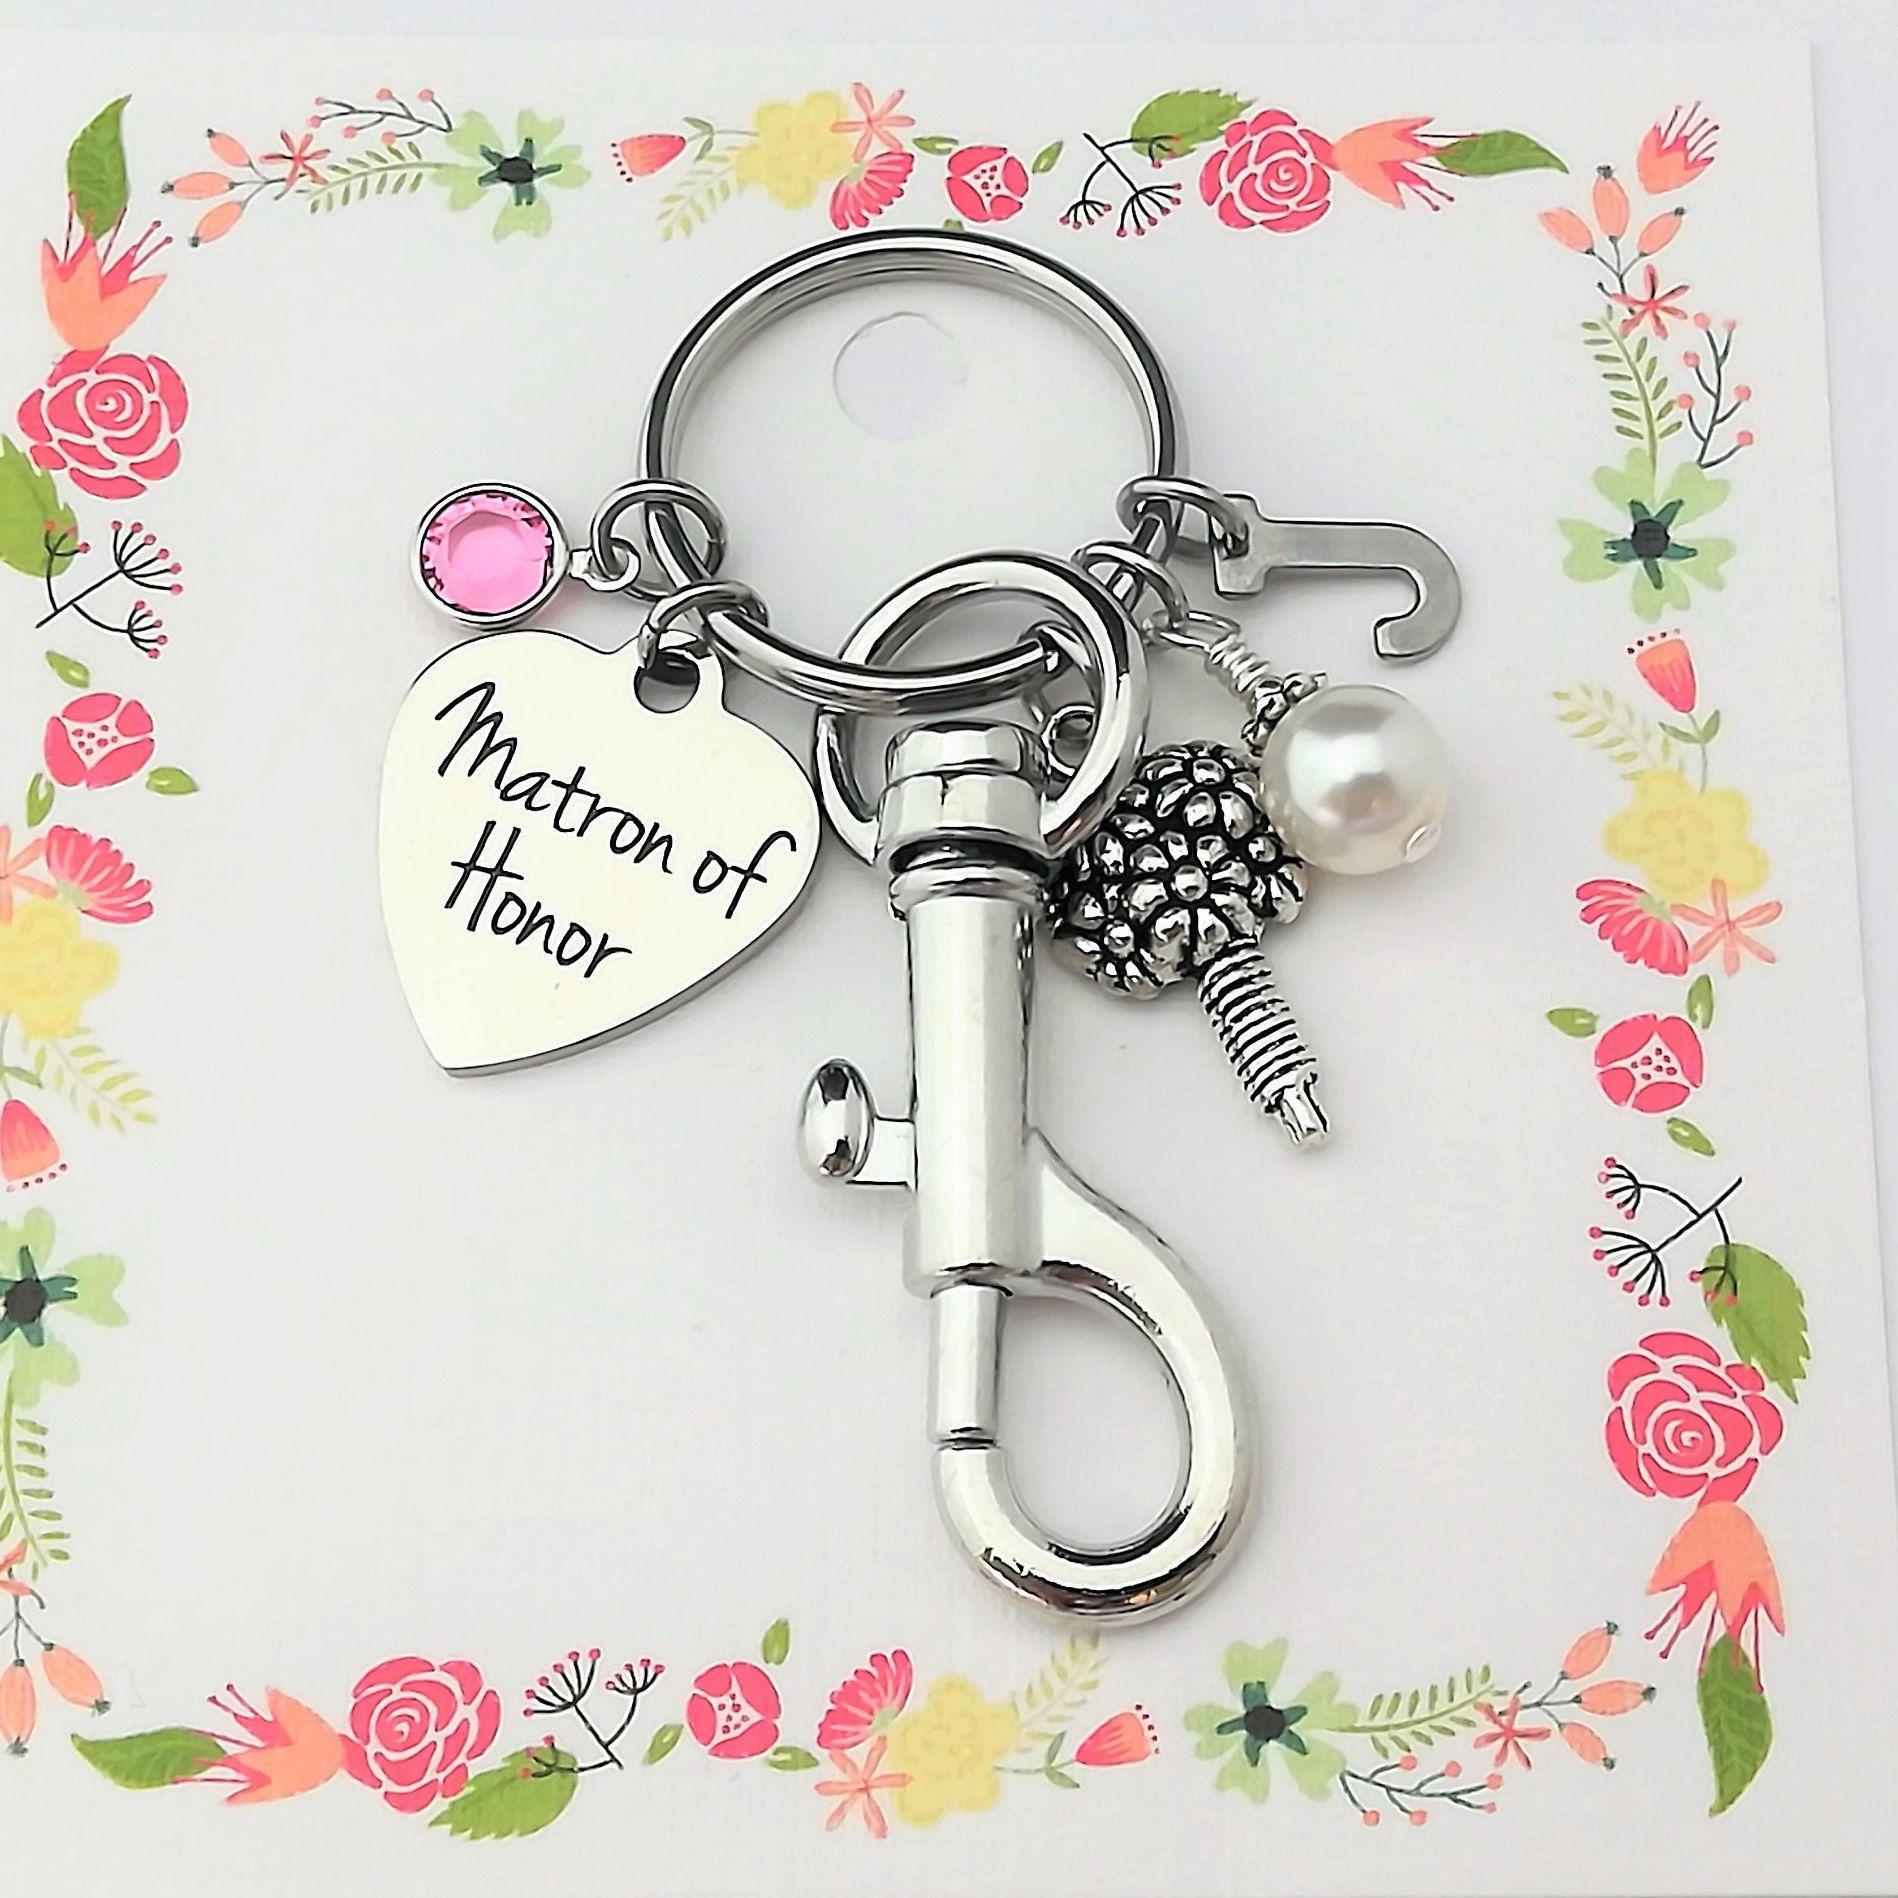 Bridesmaid proposal key chain bridesmaid gift asking